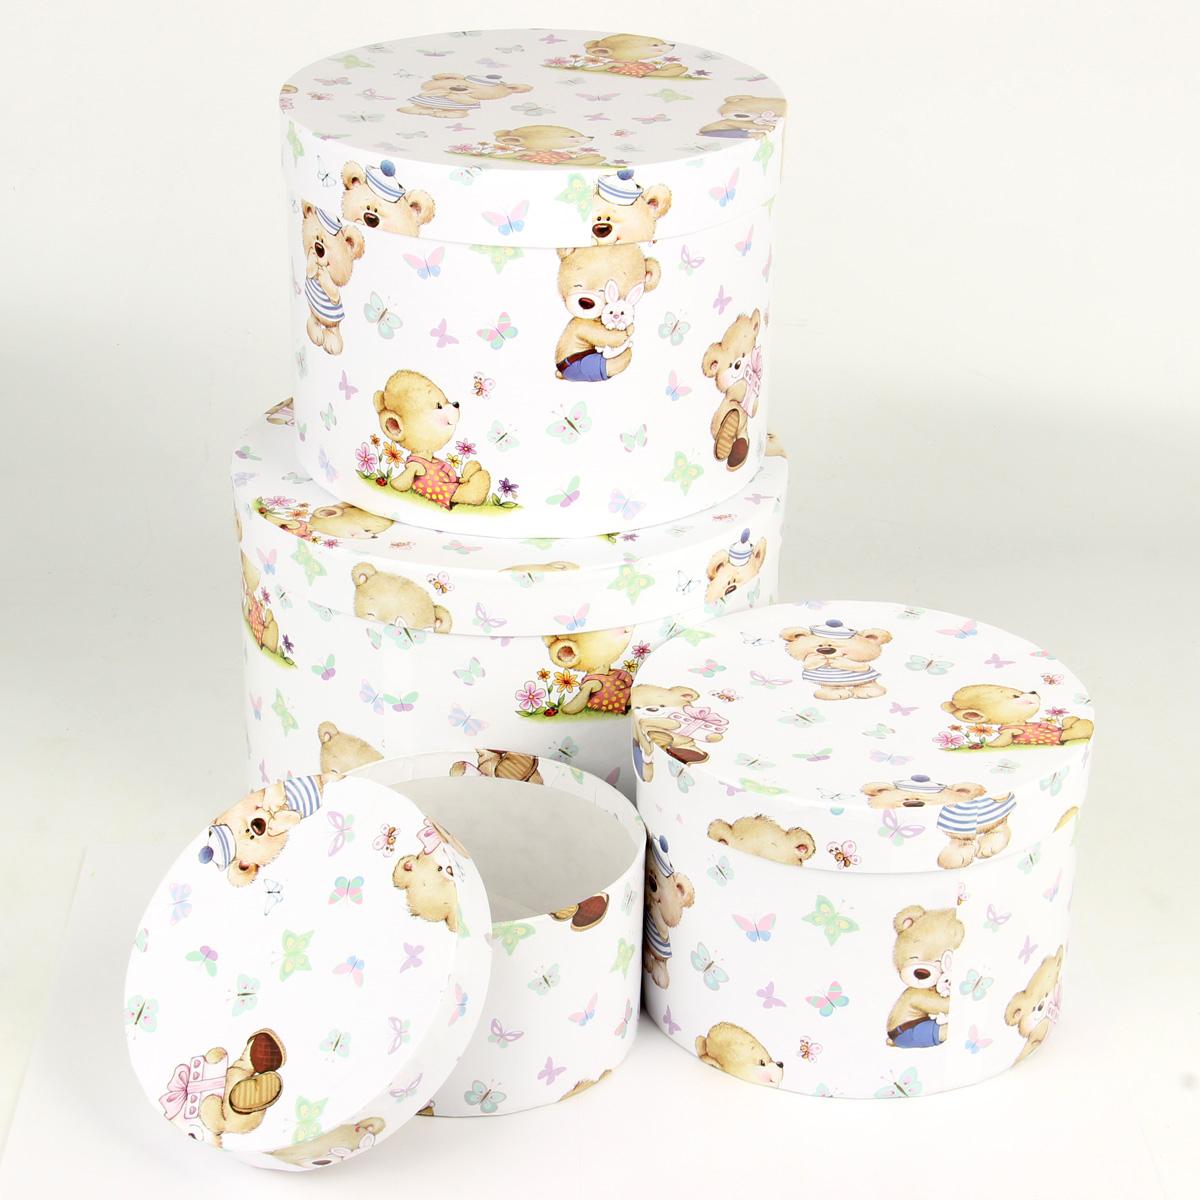 Набор подарочных коробок Veld-Co Миром правит доброта, круглые, 4 шт. 67708 набор подарочных коробок veld co миром правит доброта 15 шт